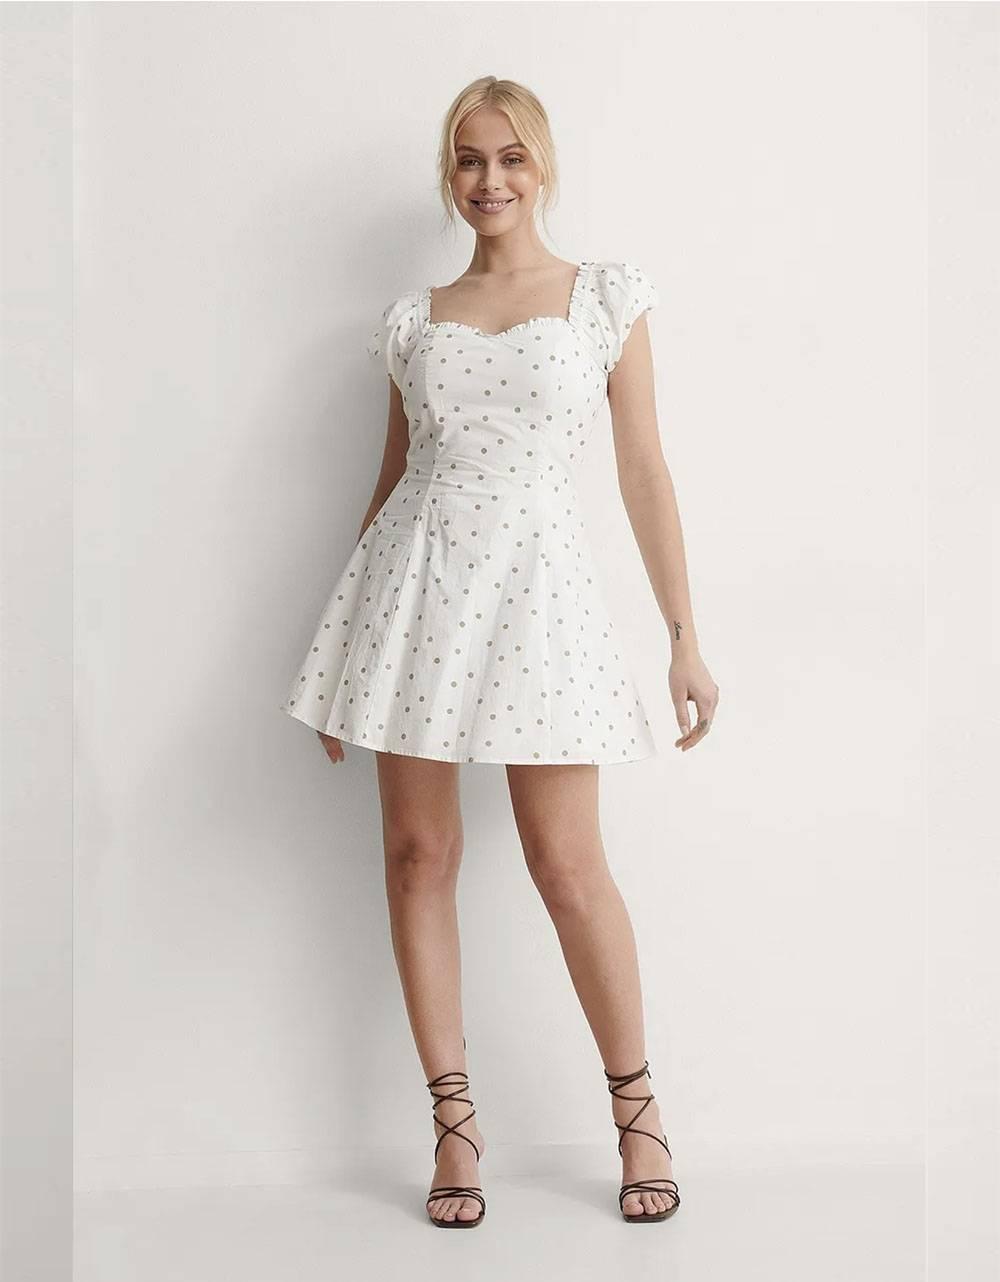 NA-KD dotted mini dress - white/beige NA-KD Dress 49,18€